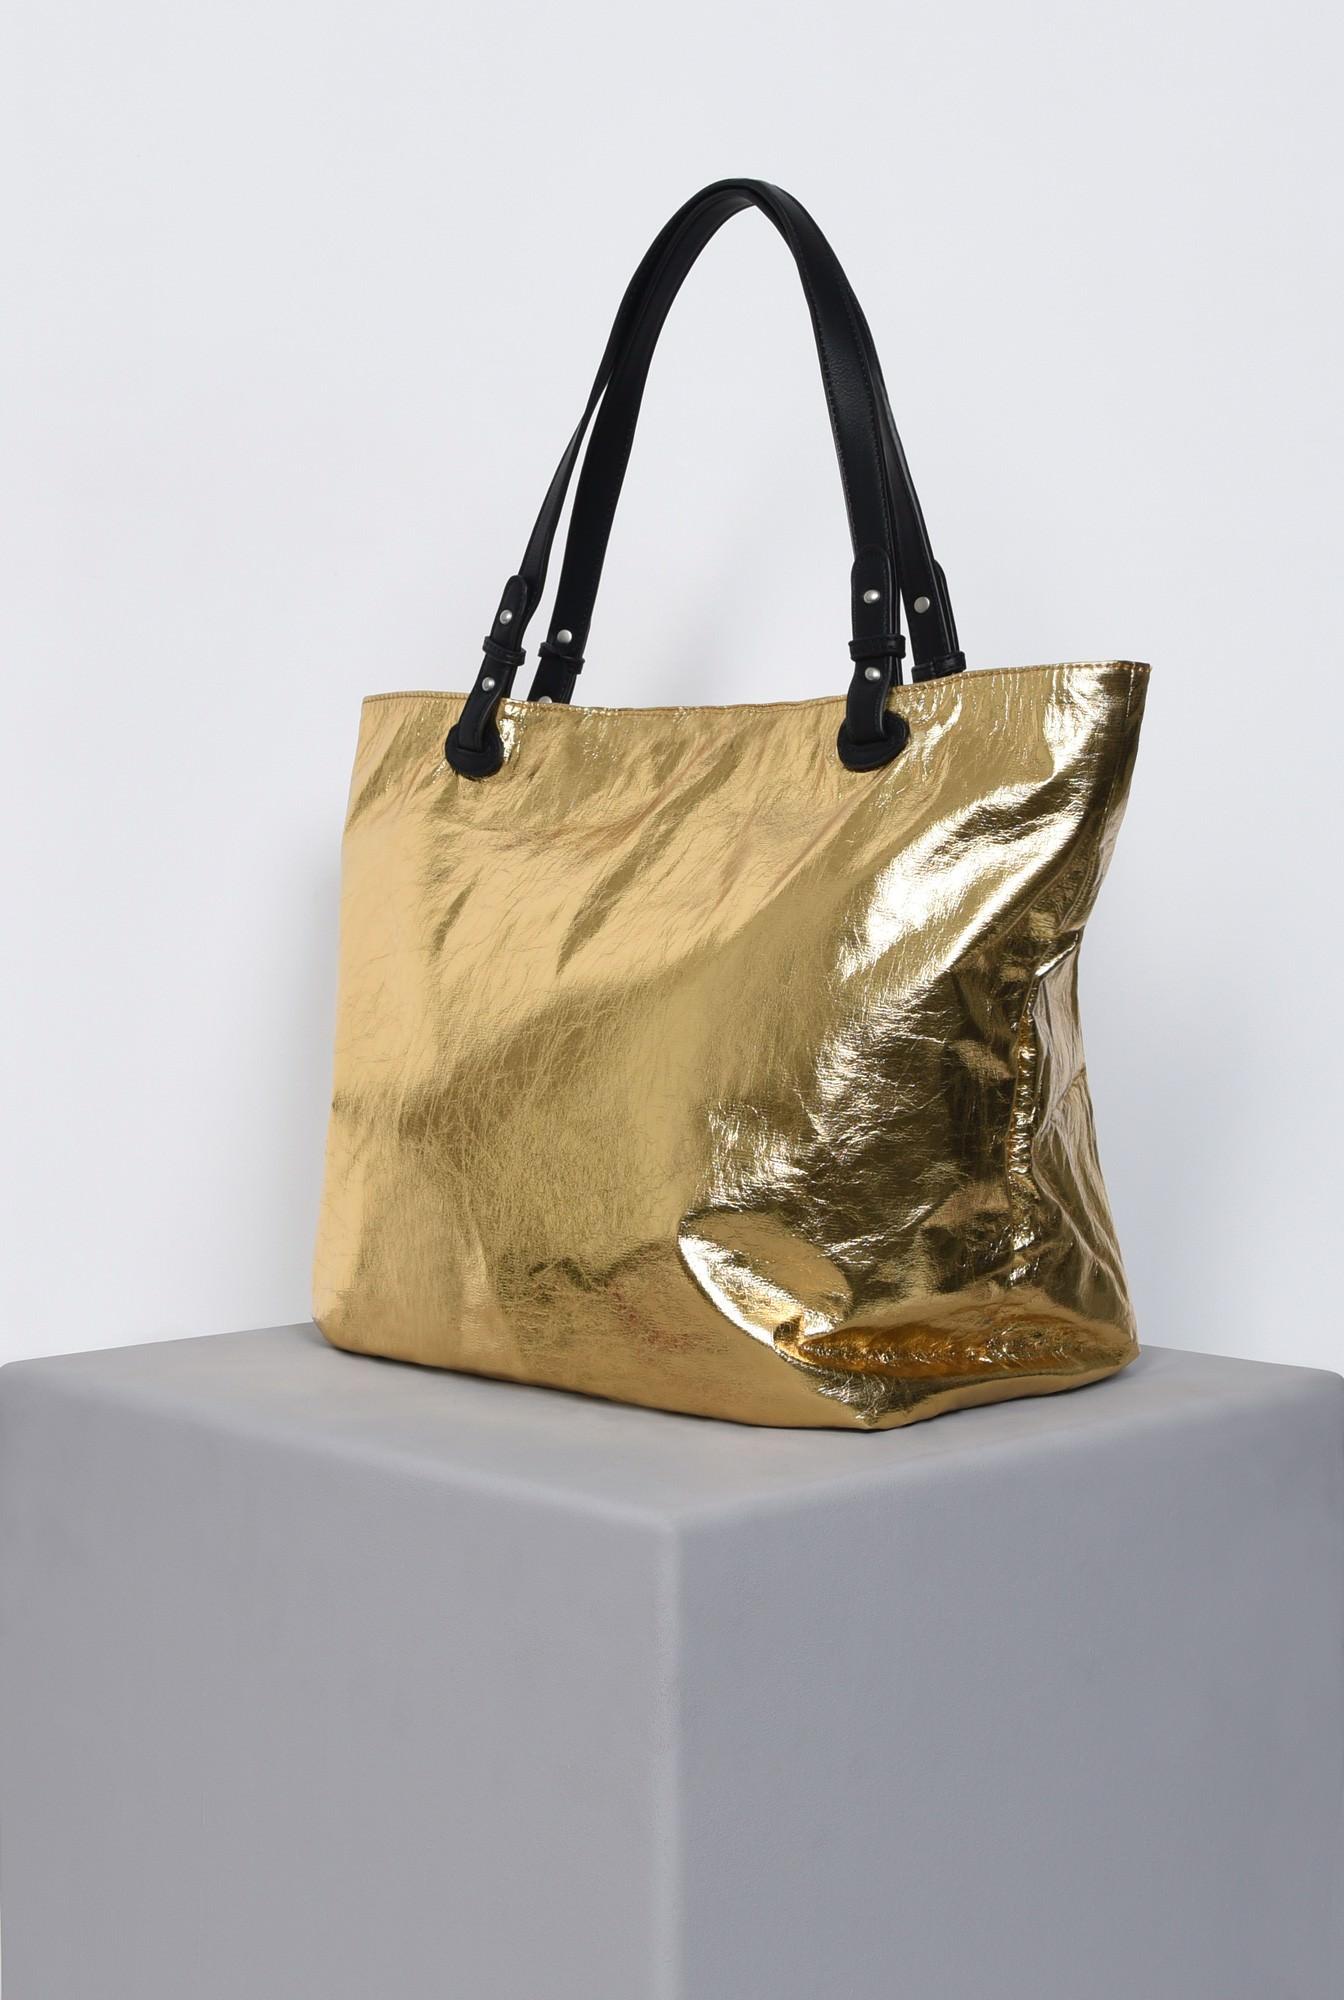 0 - geanta maxi, auriu, accesorii, lac